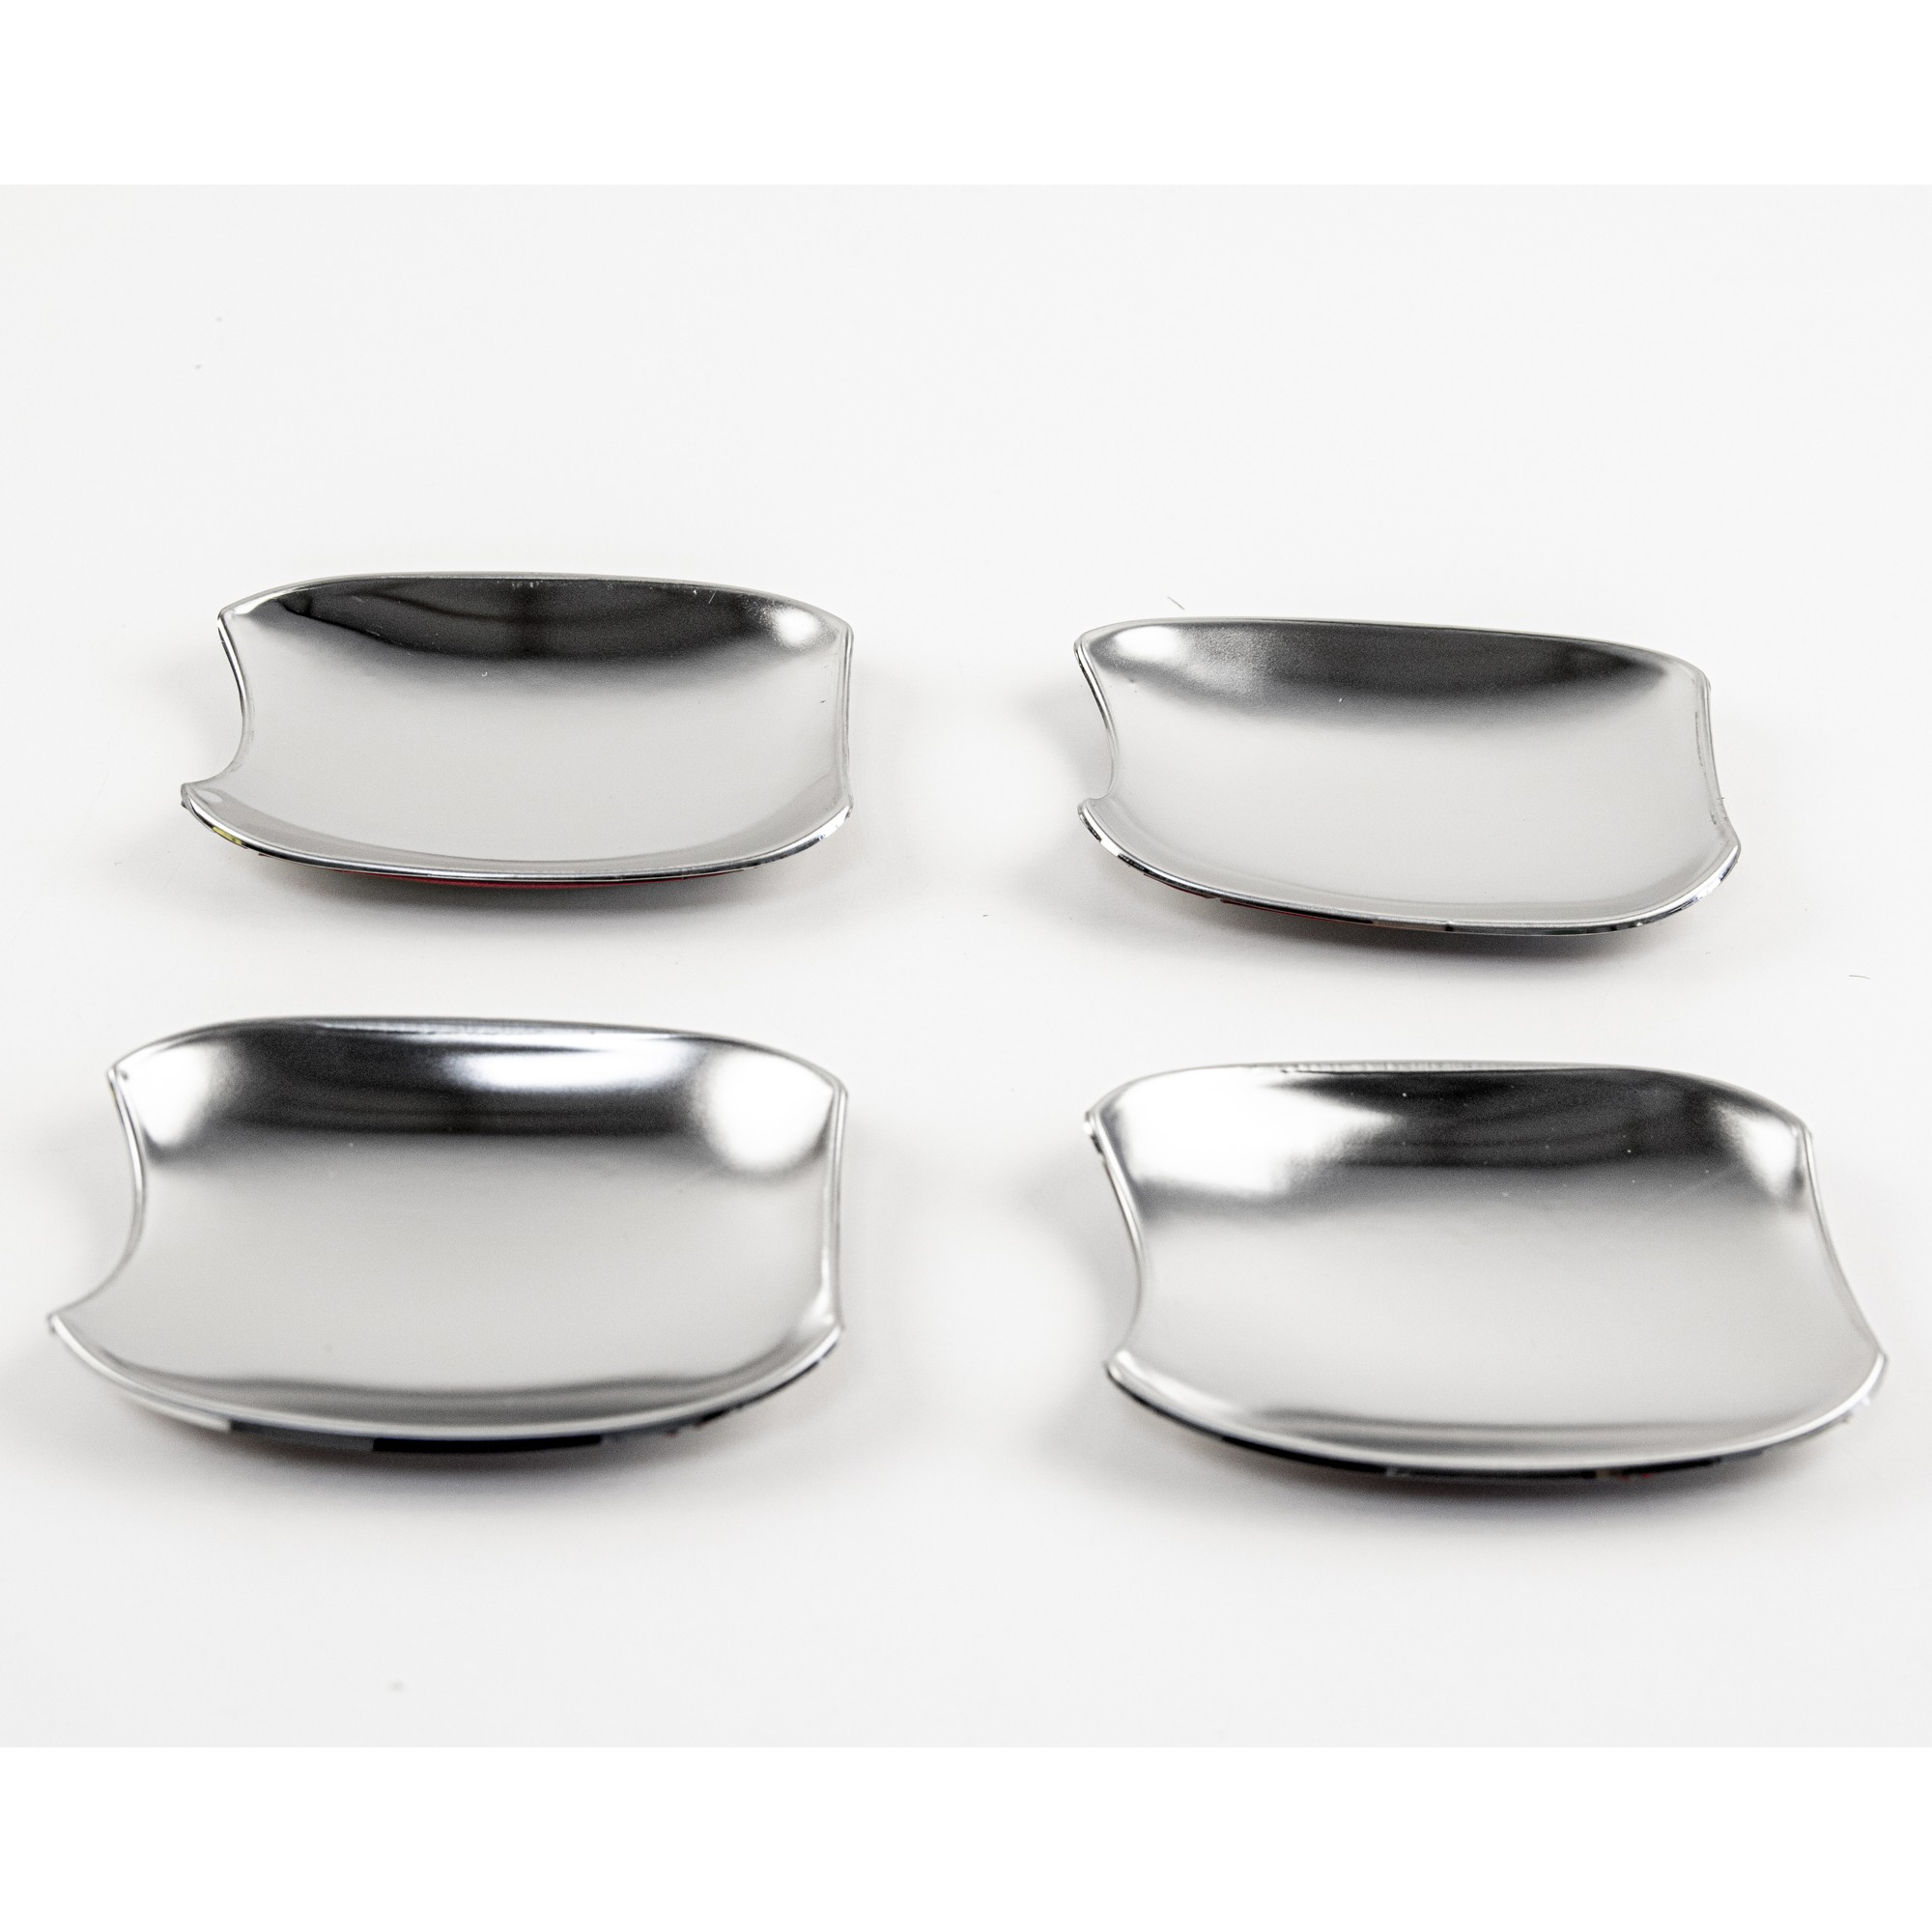 Защитные чашки под внешние ручки дверей для LADA Vesta (нержавейка)1